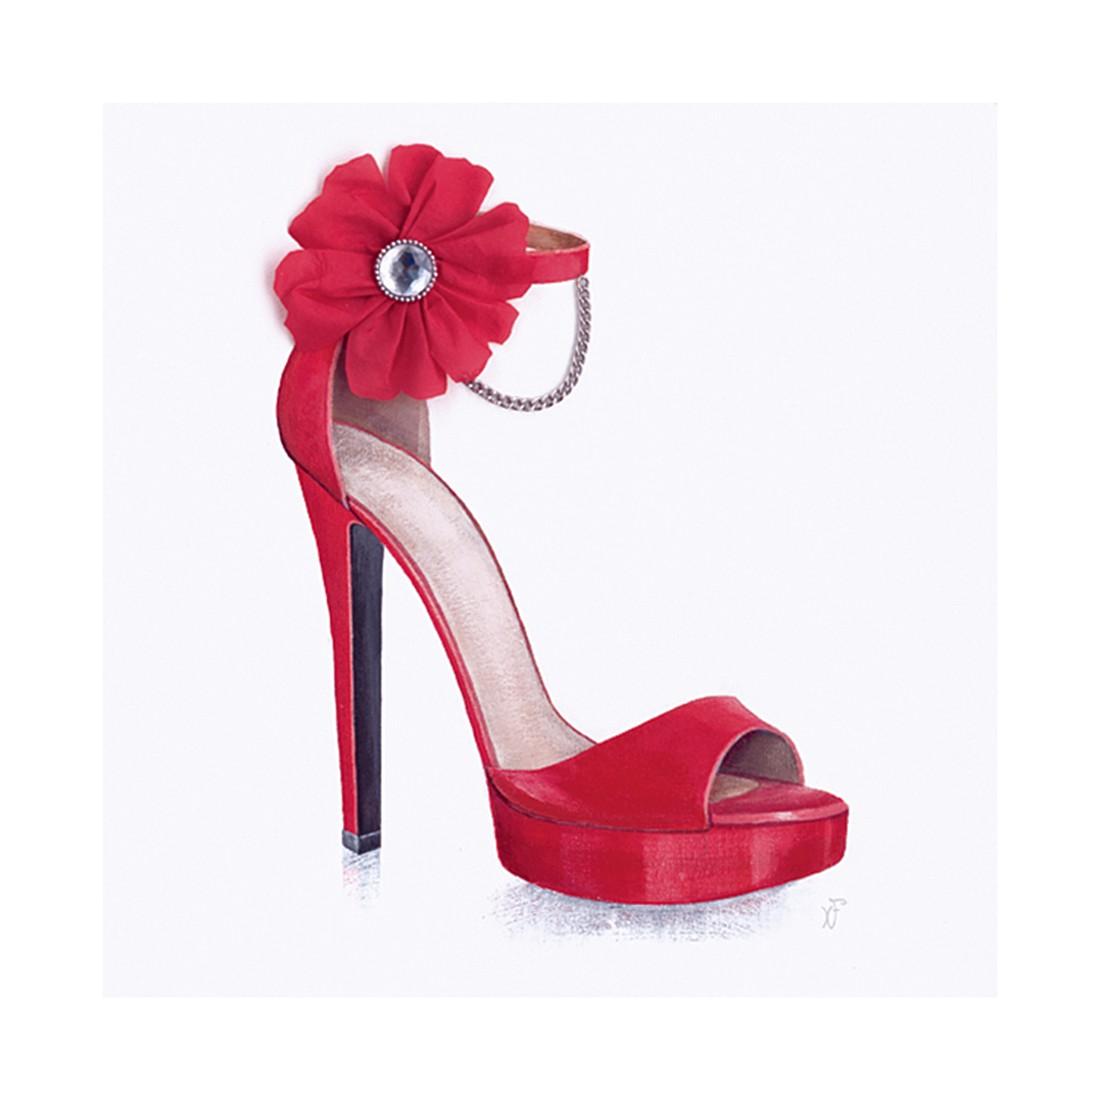 Glasbild Lady's slipper – Rot – Größe: 20 x 20 cm, Artland jetzt bestellen